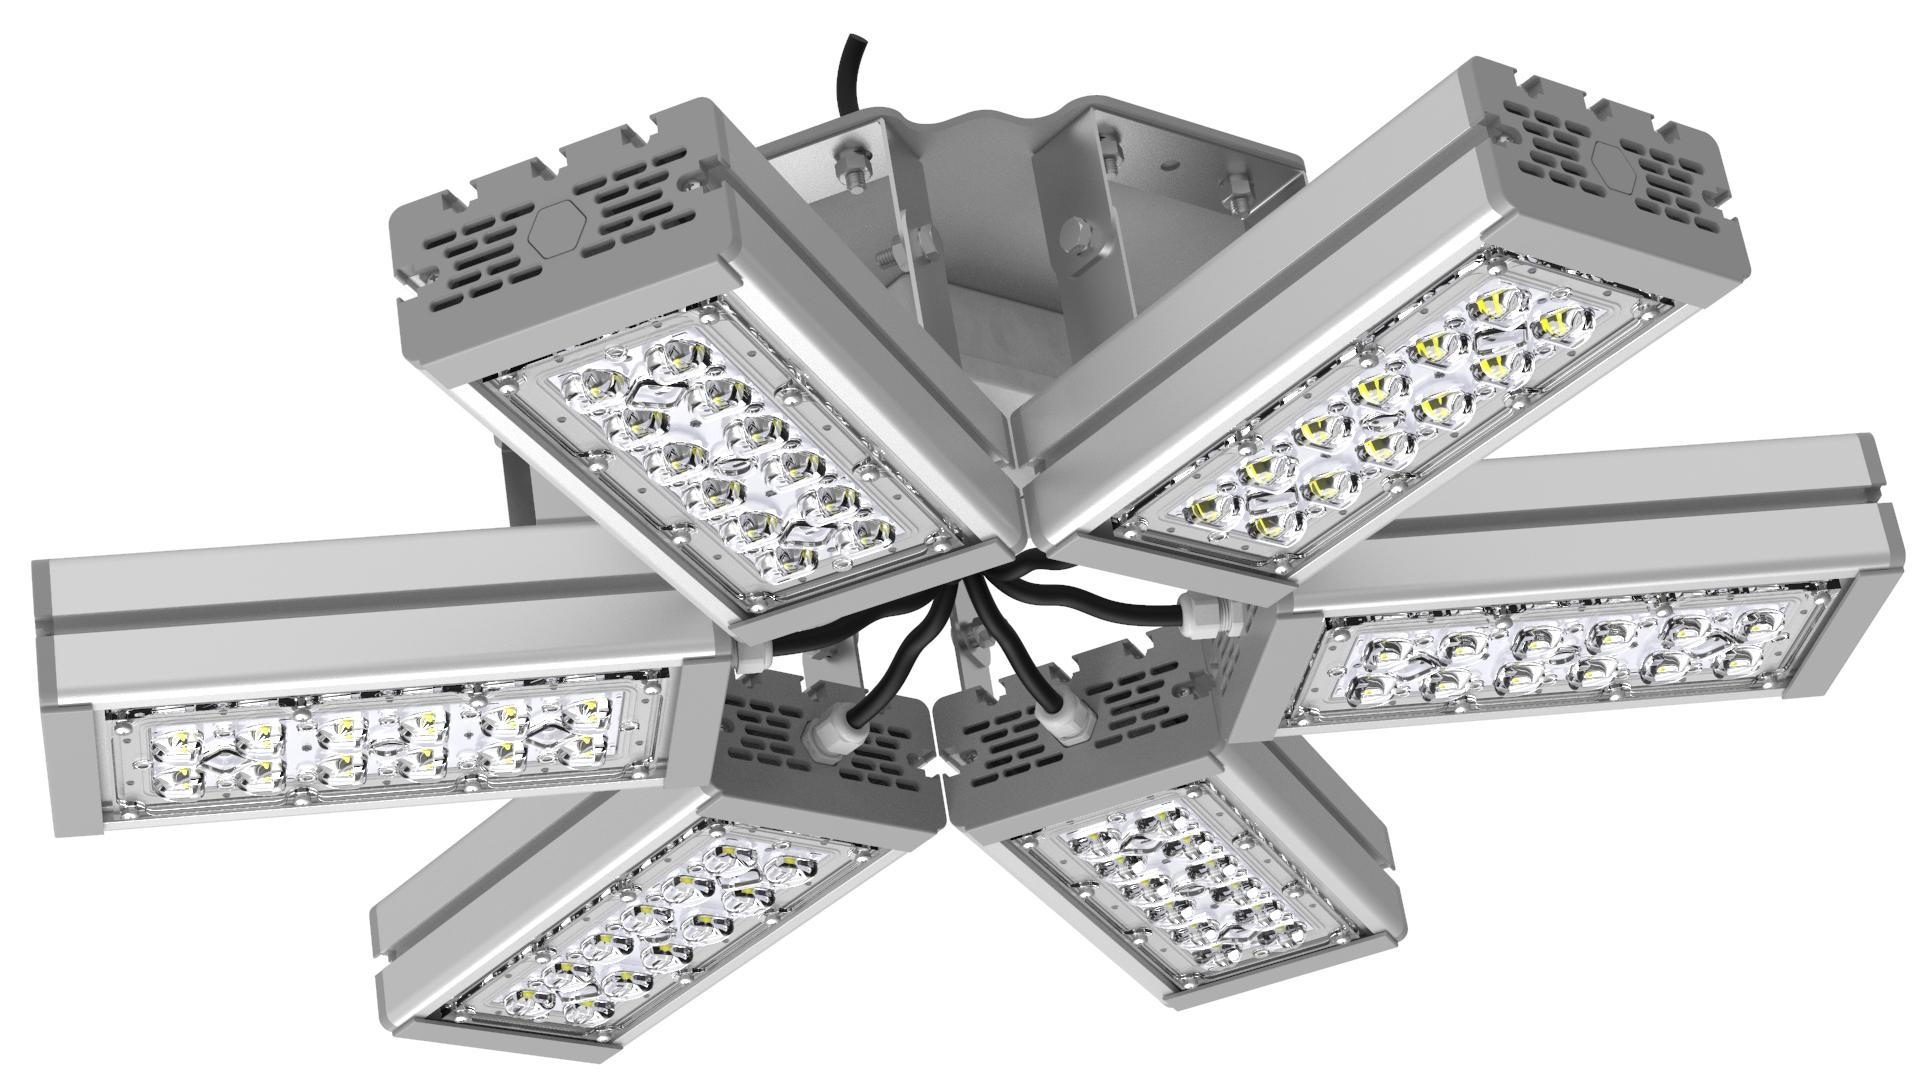 Светильник подвесной Ромашка High-Bay SVT-P-FLOWER-162Вт-12 (с защитой от 380В, трос)